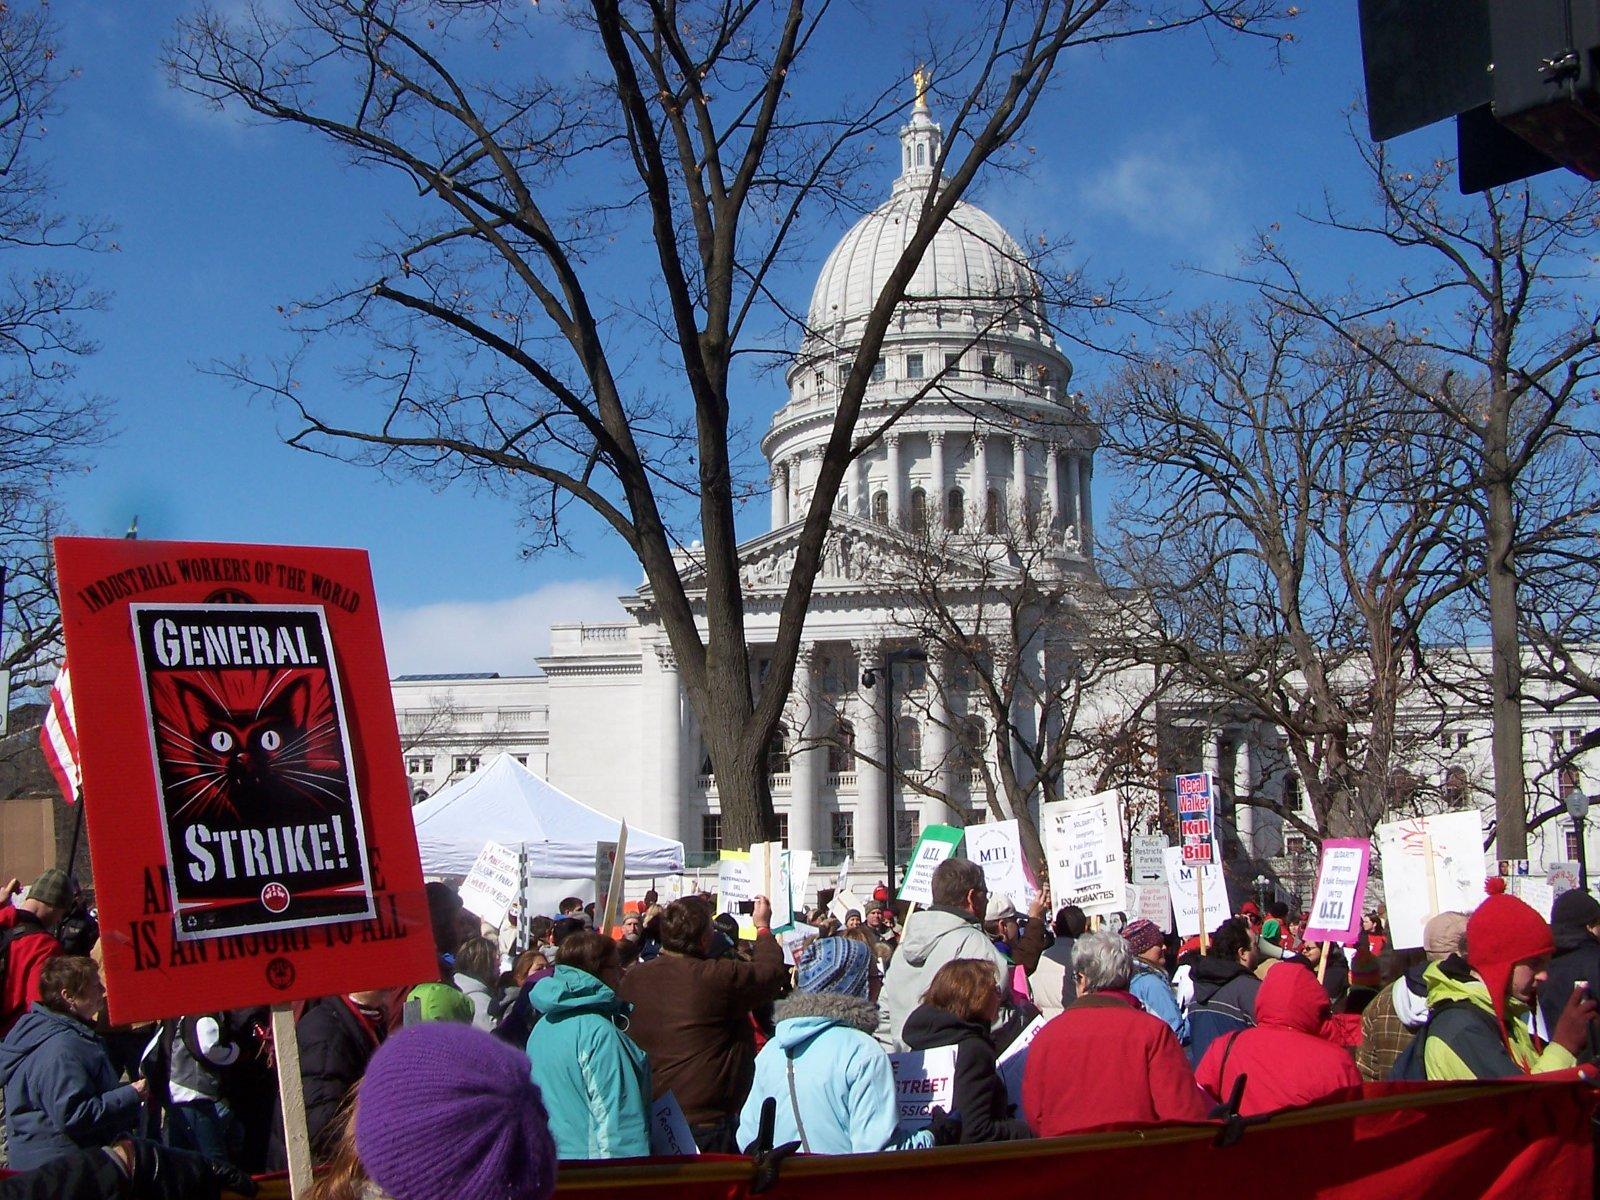 Generalstreik! – Forderung der IWW u.a. ((c) Diane Krauthamer)